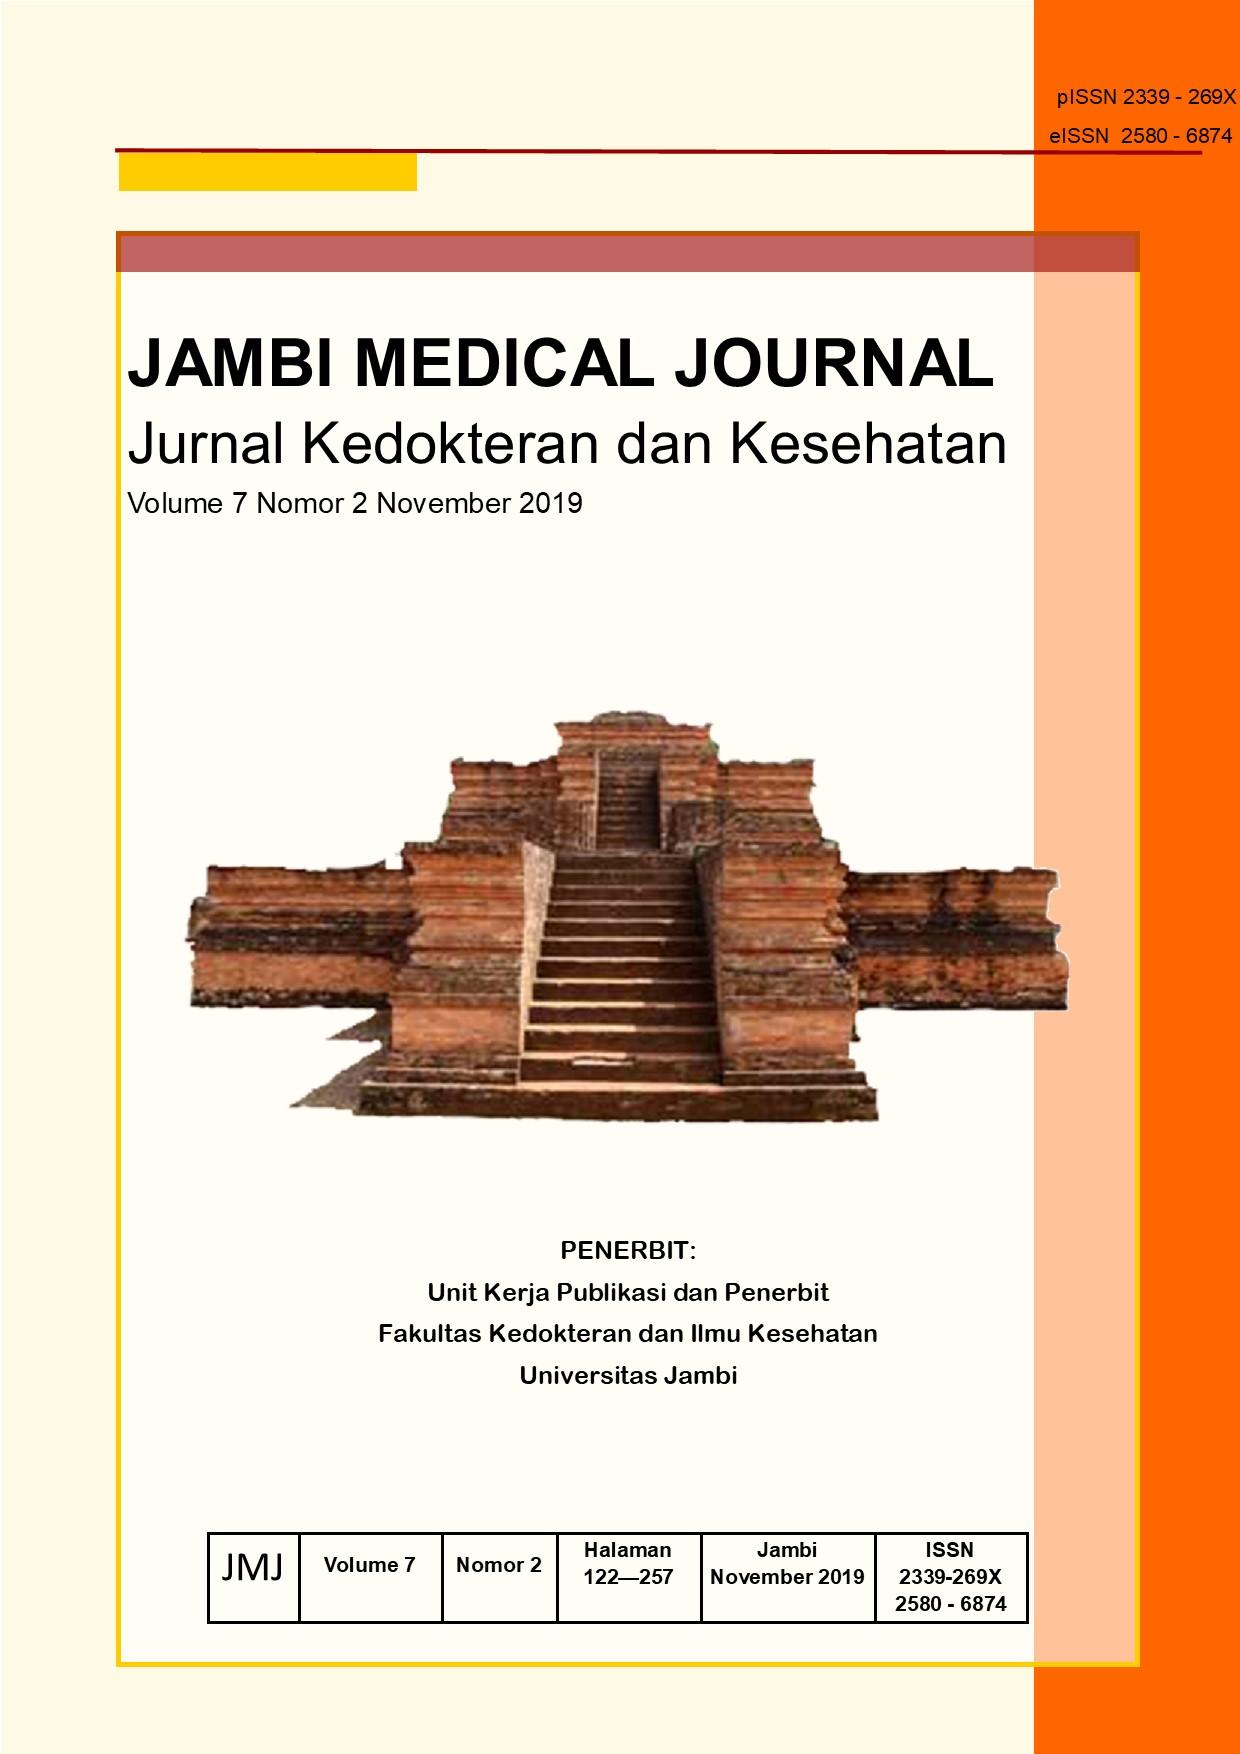 View Vol. 7 No. 2 (2019): JAMBI MEDICAL JOURNAL Jurnal Kedokteran Dan Kesehatan